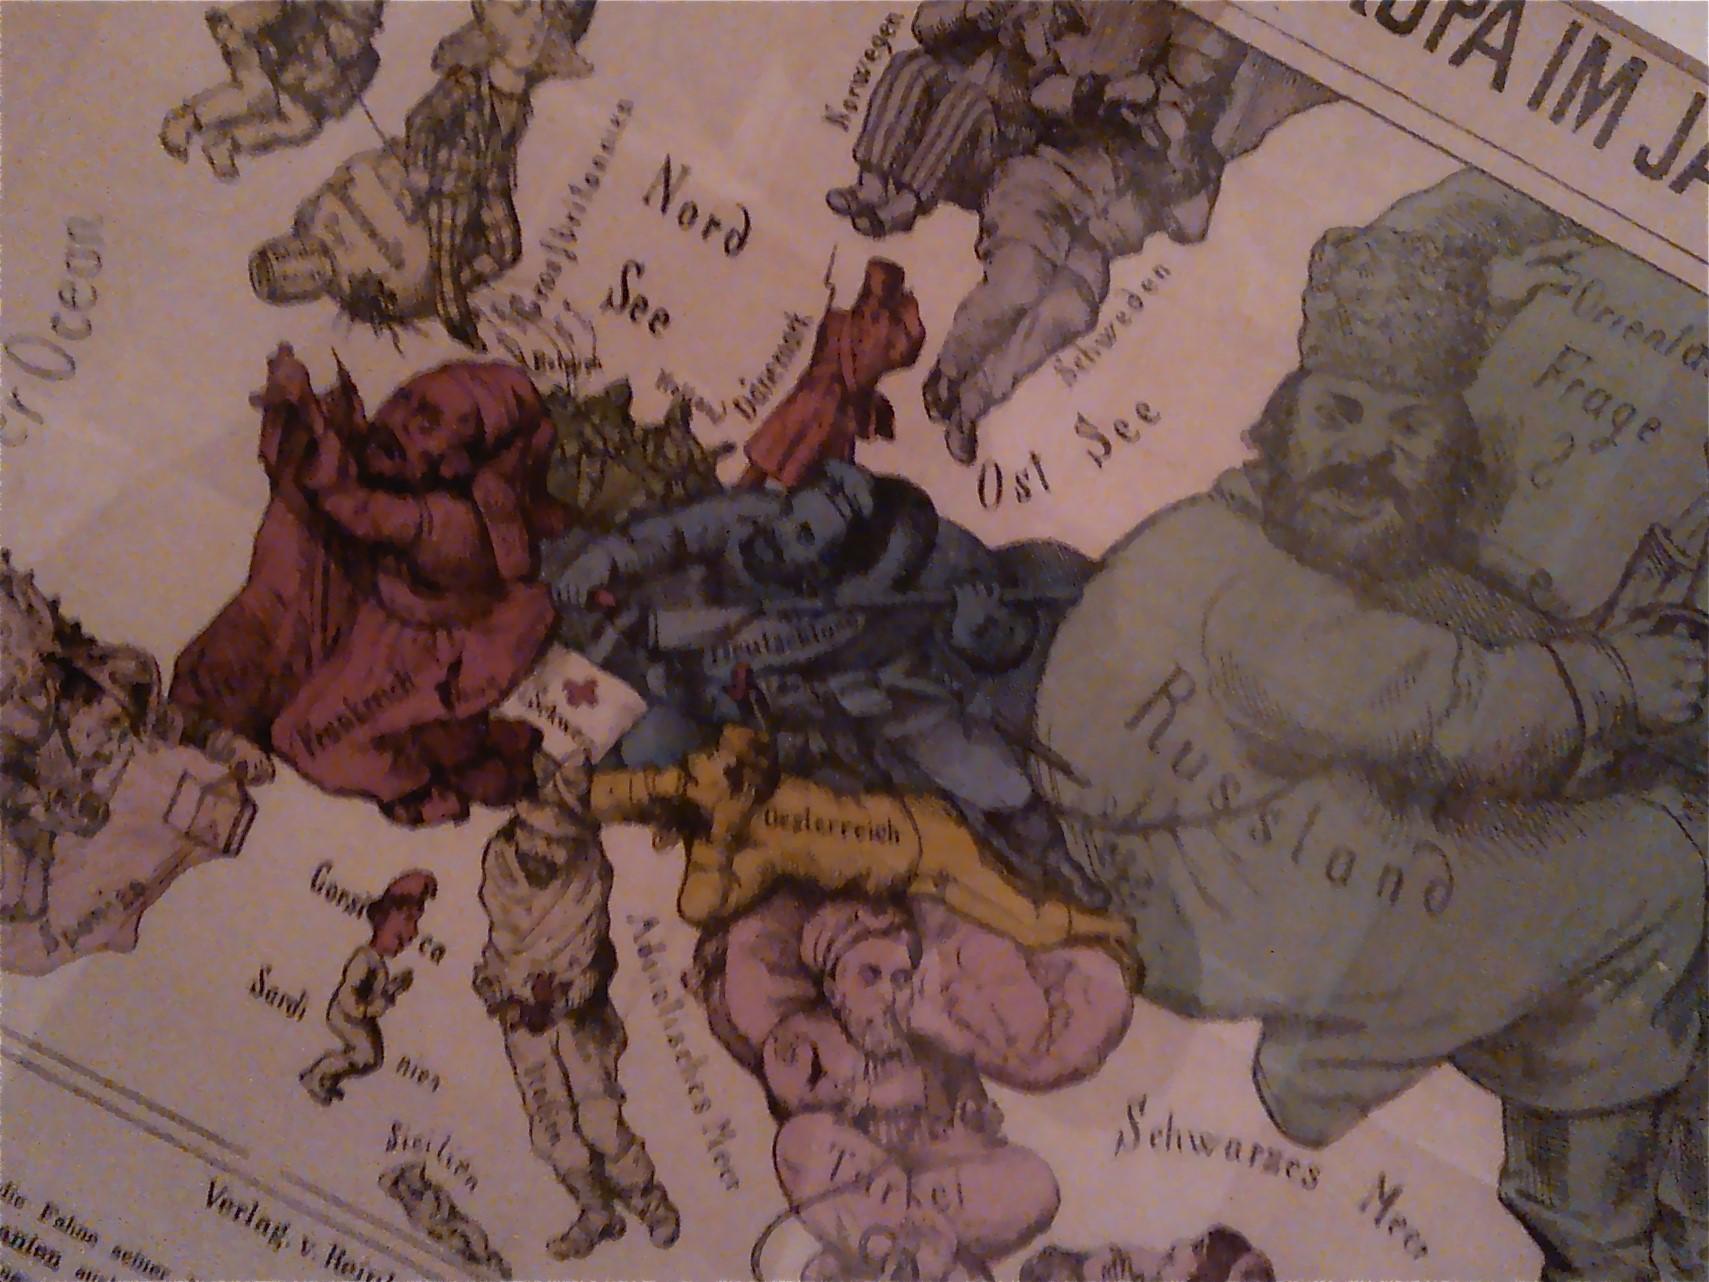 Orientalistista kuvastoa 'Imagining the Balkans' –näyttelyssä, Ljubljanassa.  Valokuva: Mitjo Vaulasvirta